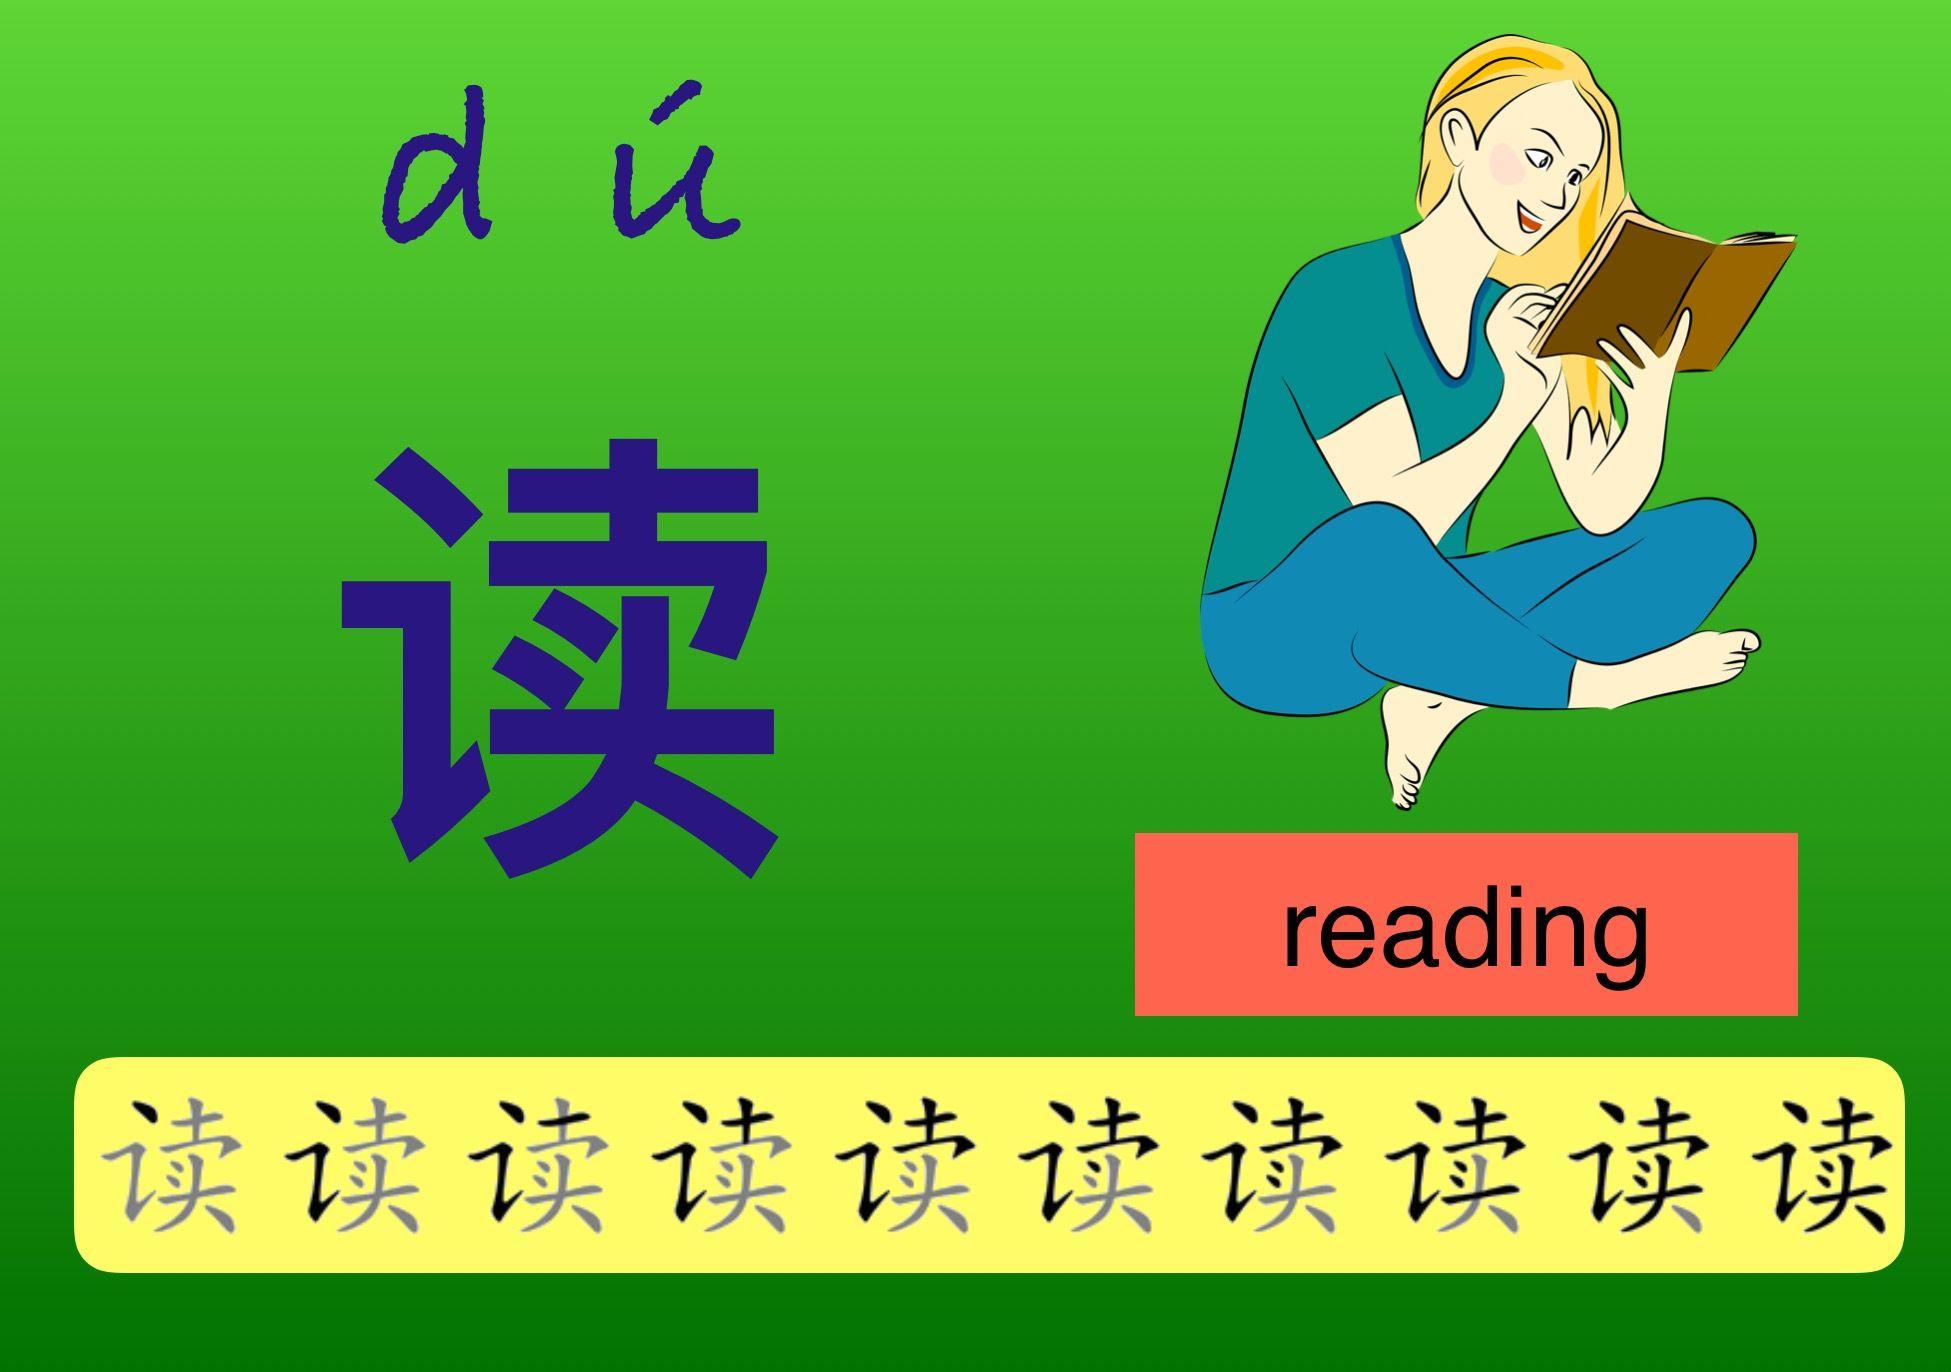 Chinesecharacters China Chinatravel Chineselanguage